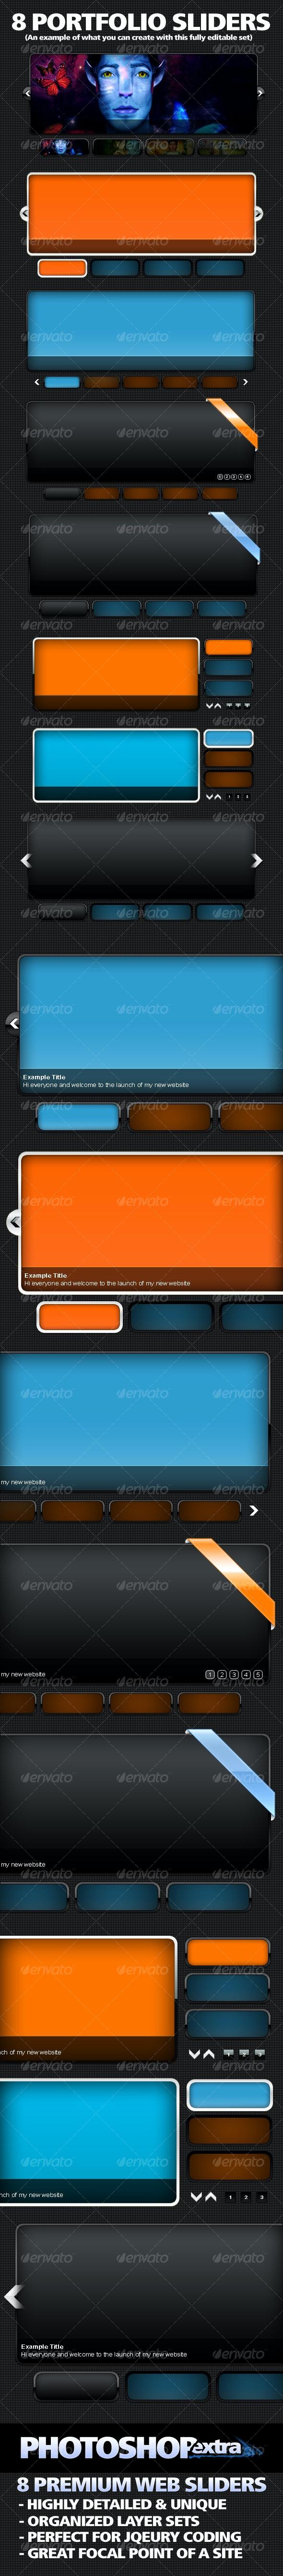 8 Premium Portfolio Sliders - Web Elements